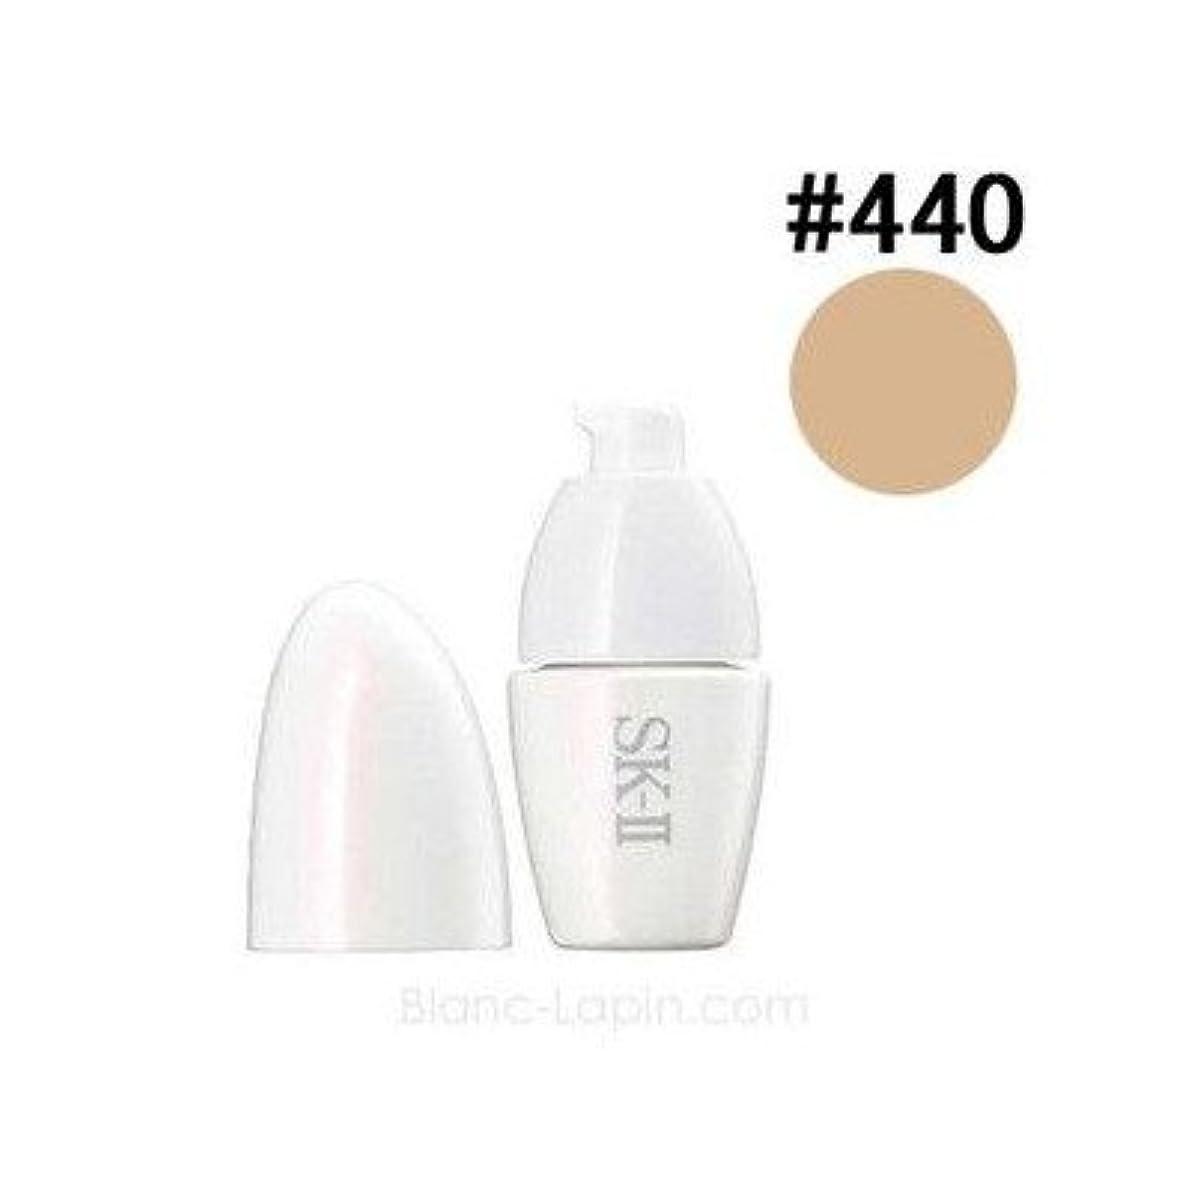 ブランド名狂った悪化するSK-II セルミネーションリクィッドファンデーション #440 ファインベージュ 25g [050899] [並行輸入品]